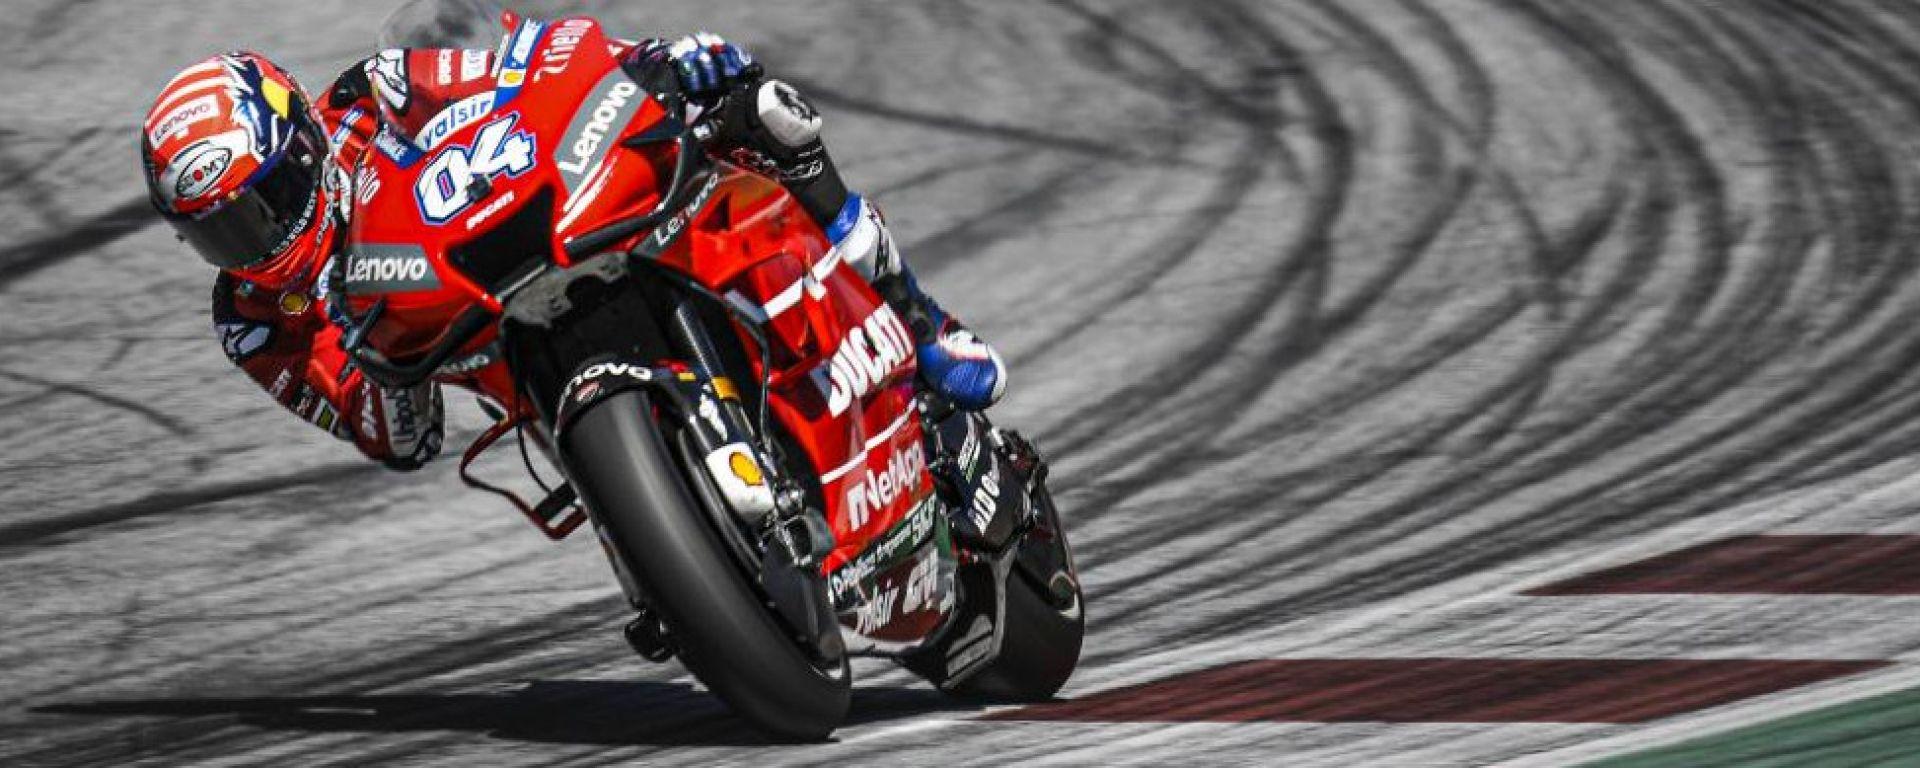 MotoGP Austria, vince Dovi su Marquez, che spettacolo!